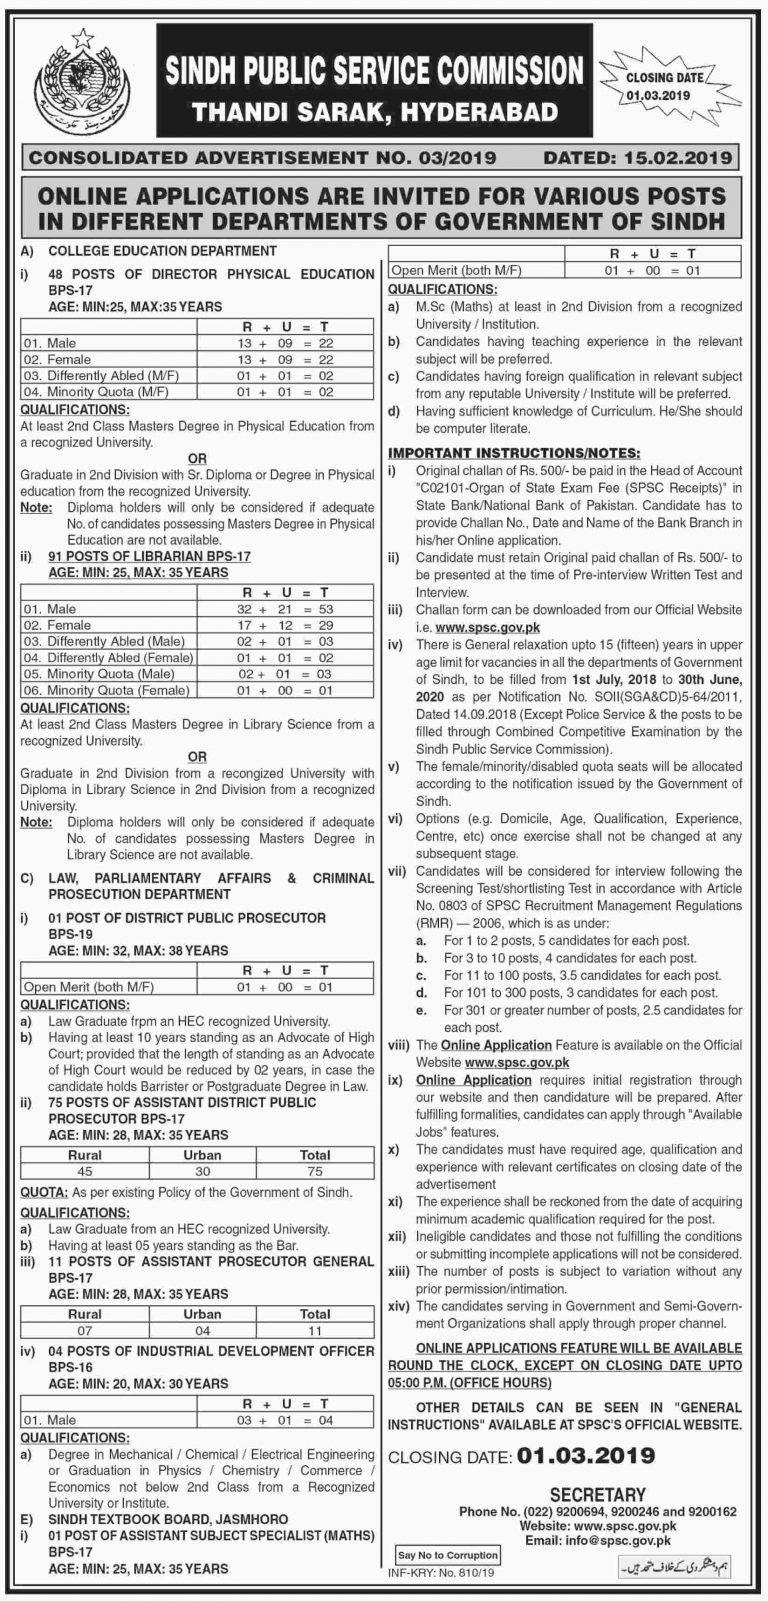 SPSC Jobs 2019 in Pakistan | Sindh Public Service Commission